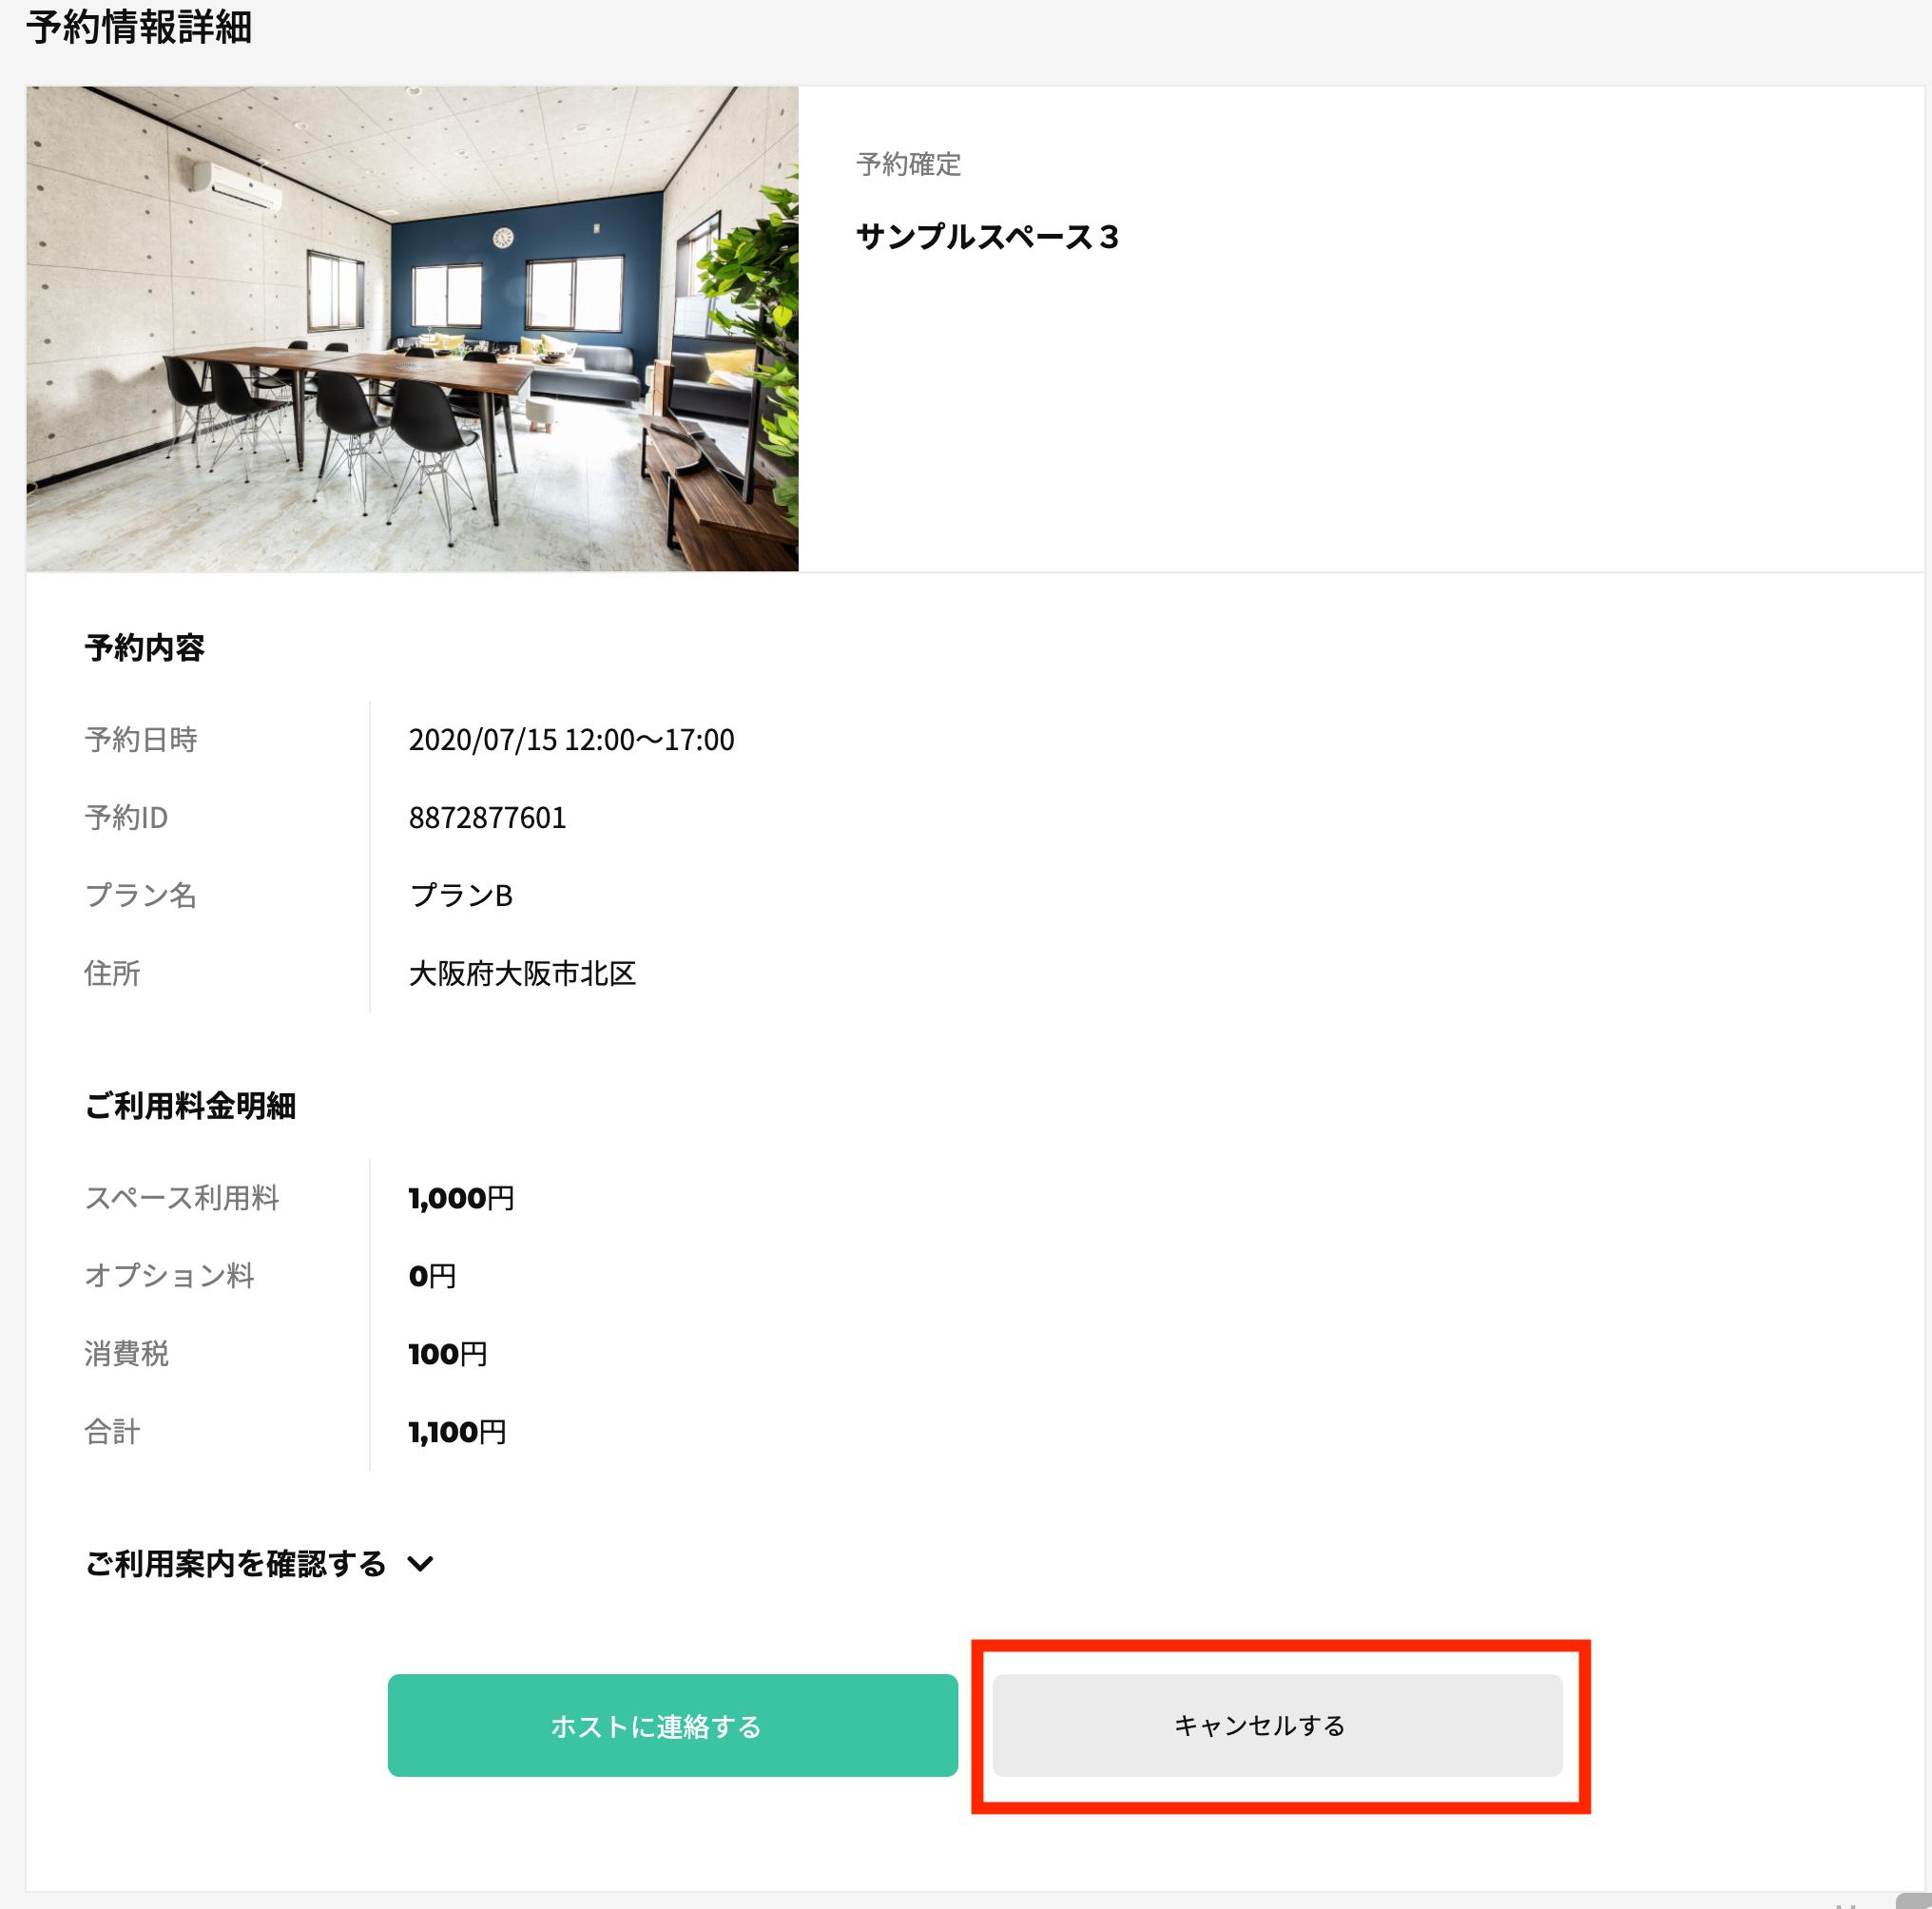 FireShot Capture 107 - 予約情報詳細 - サイトタイトル - レンタルスペースを簡単予約 - upnow.jp.png